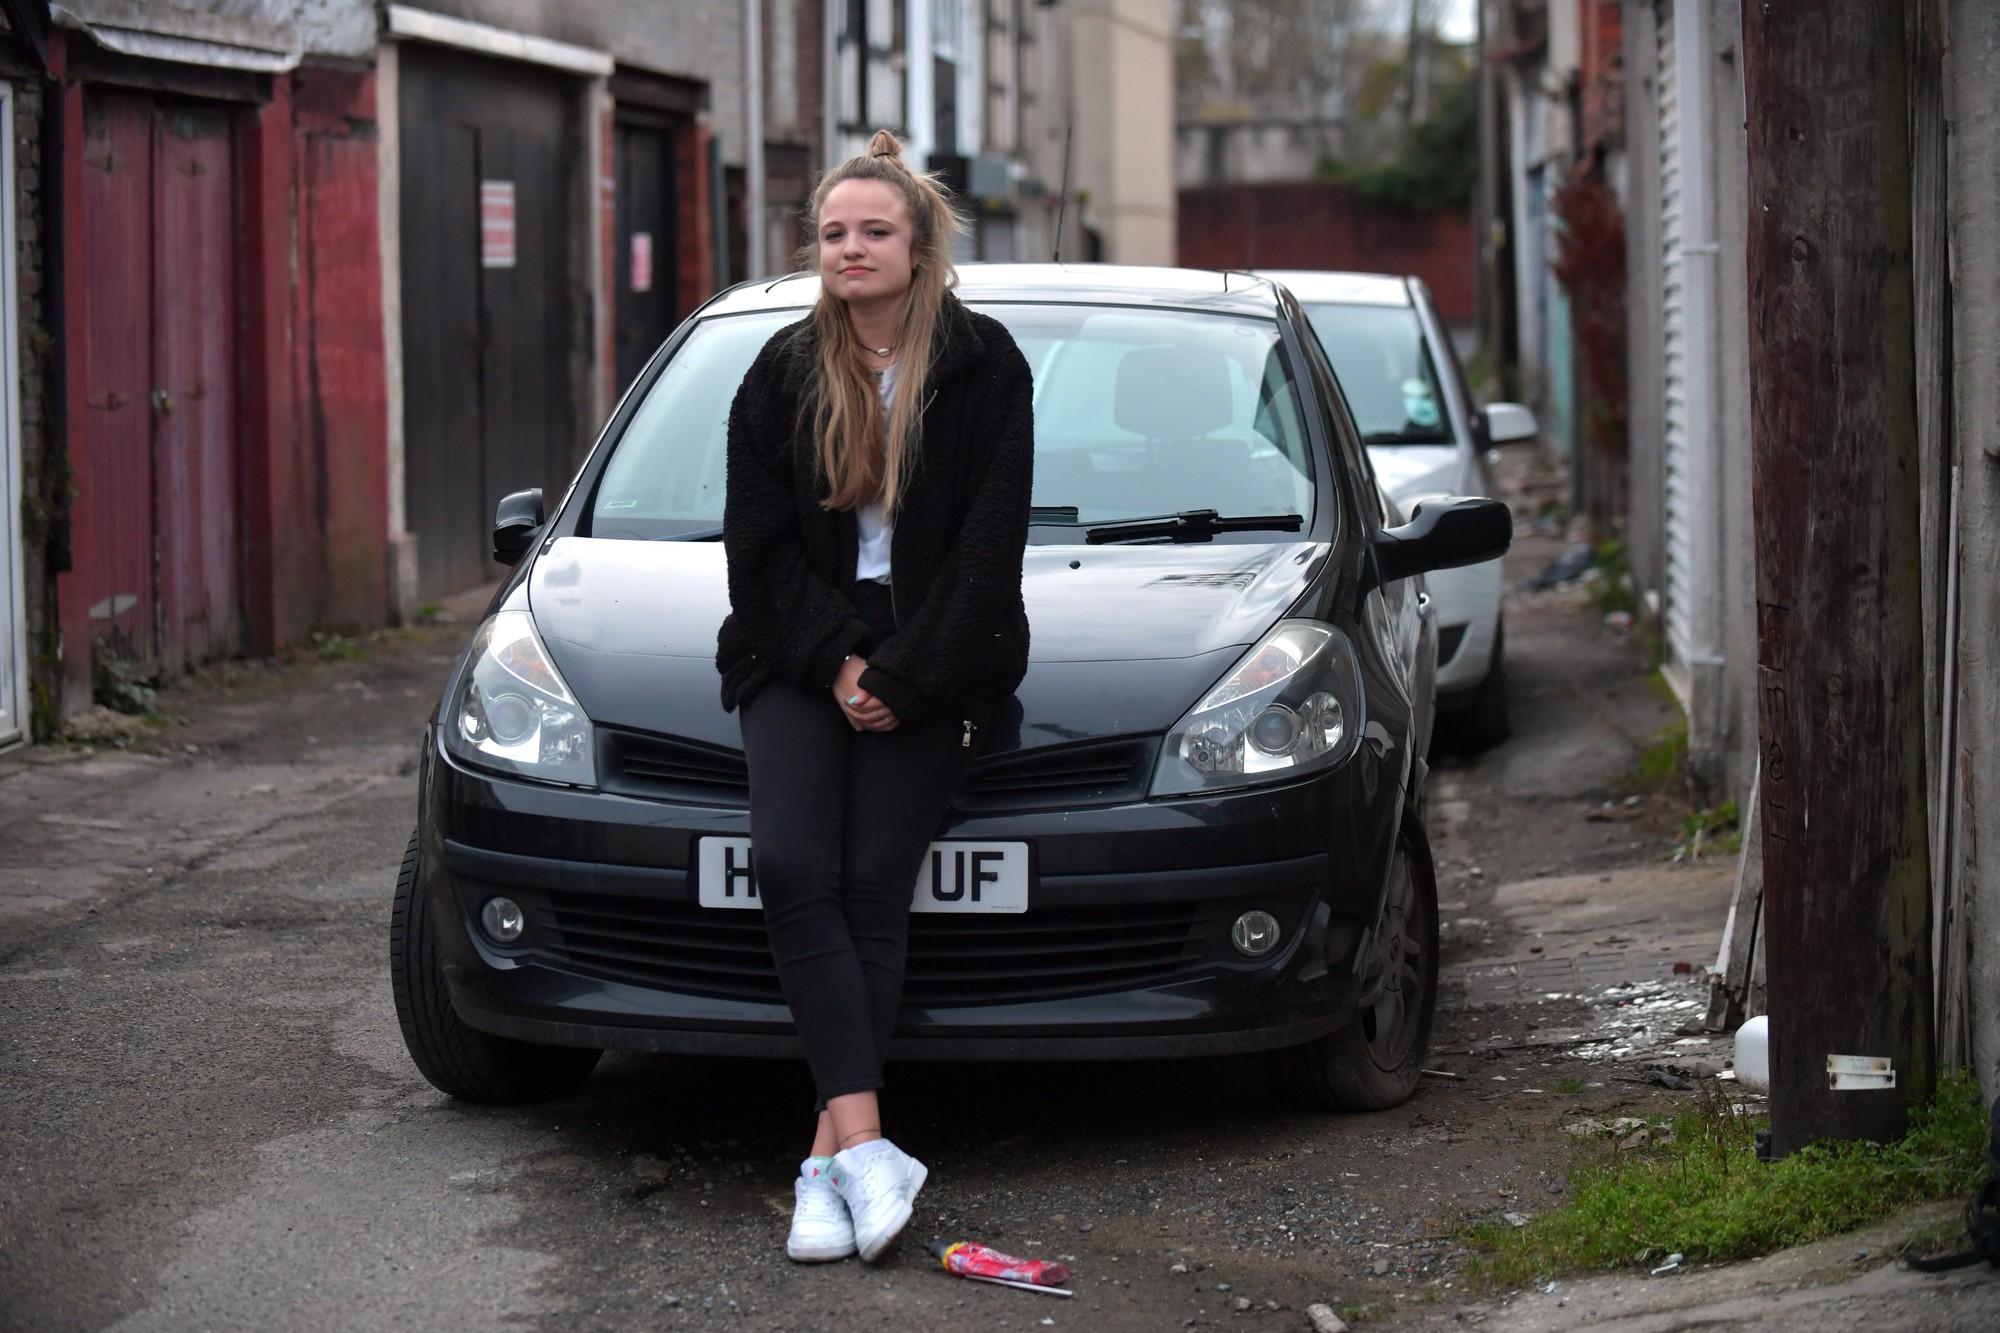 Góc hẩm hiu: Bị kẻ gian thả mìn lên xe hơi 2 lần liên tiếp, thiếu nữ Anh quyết định mang tang vật đi xét nghiệm ADN tìm thủ phạm - Ảnh 3.